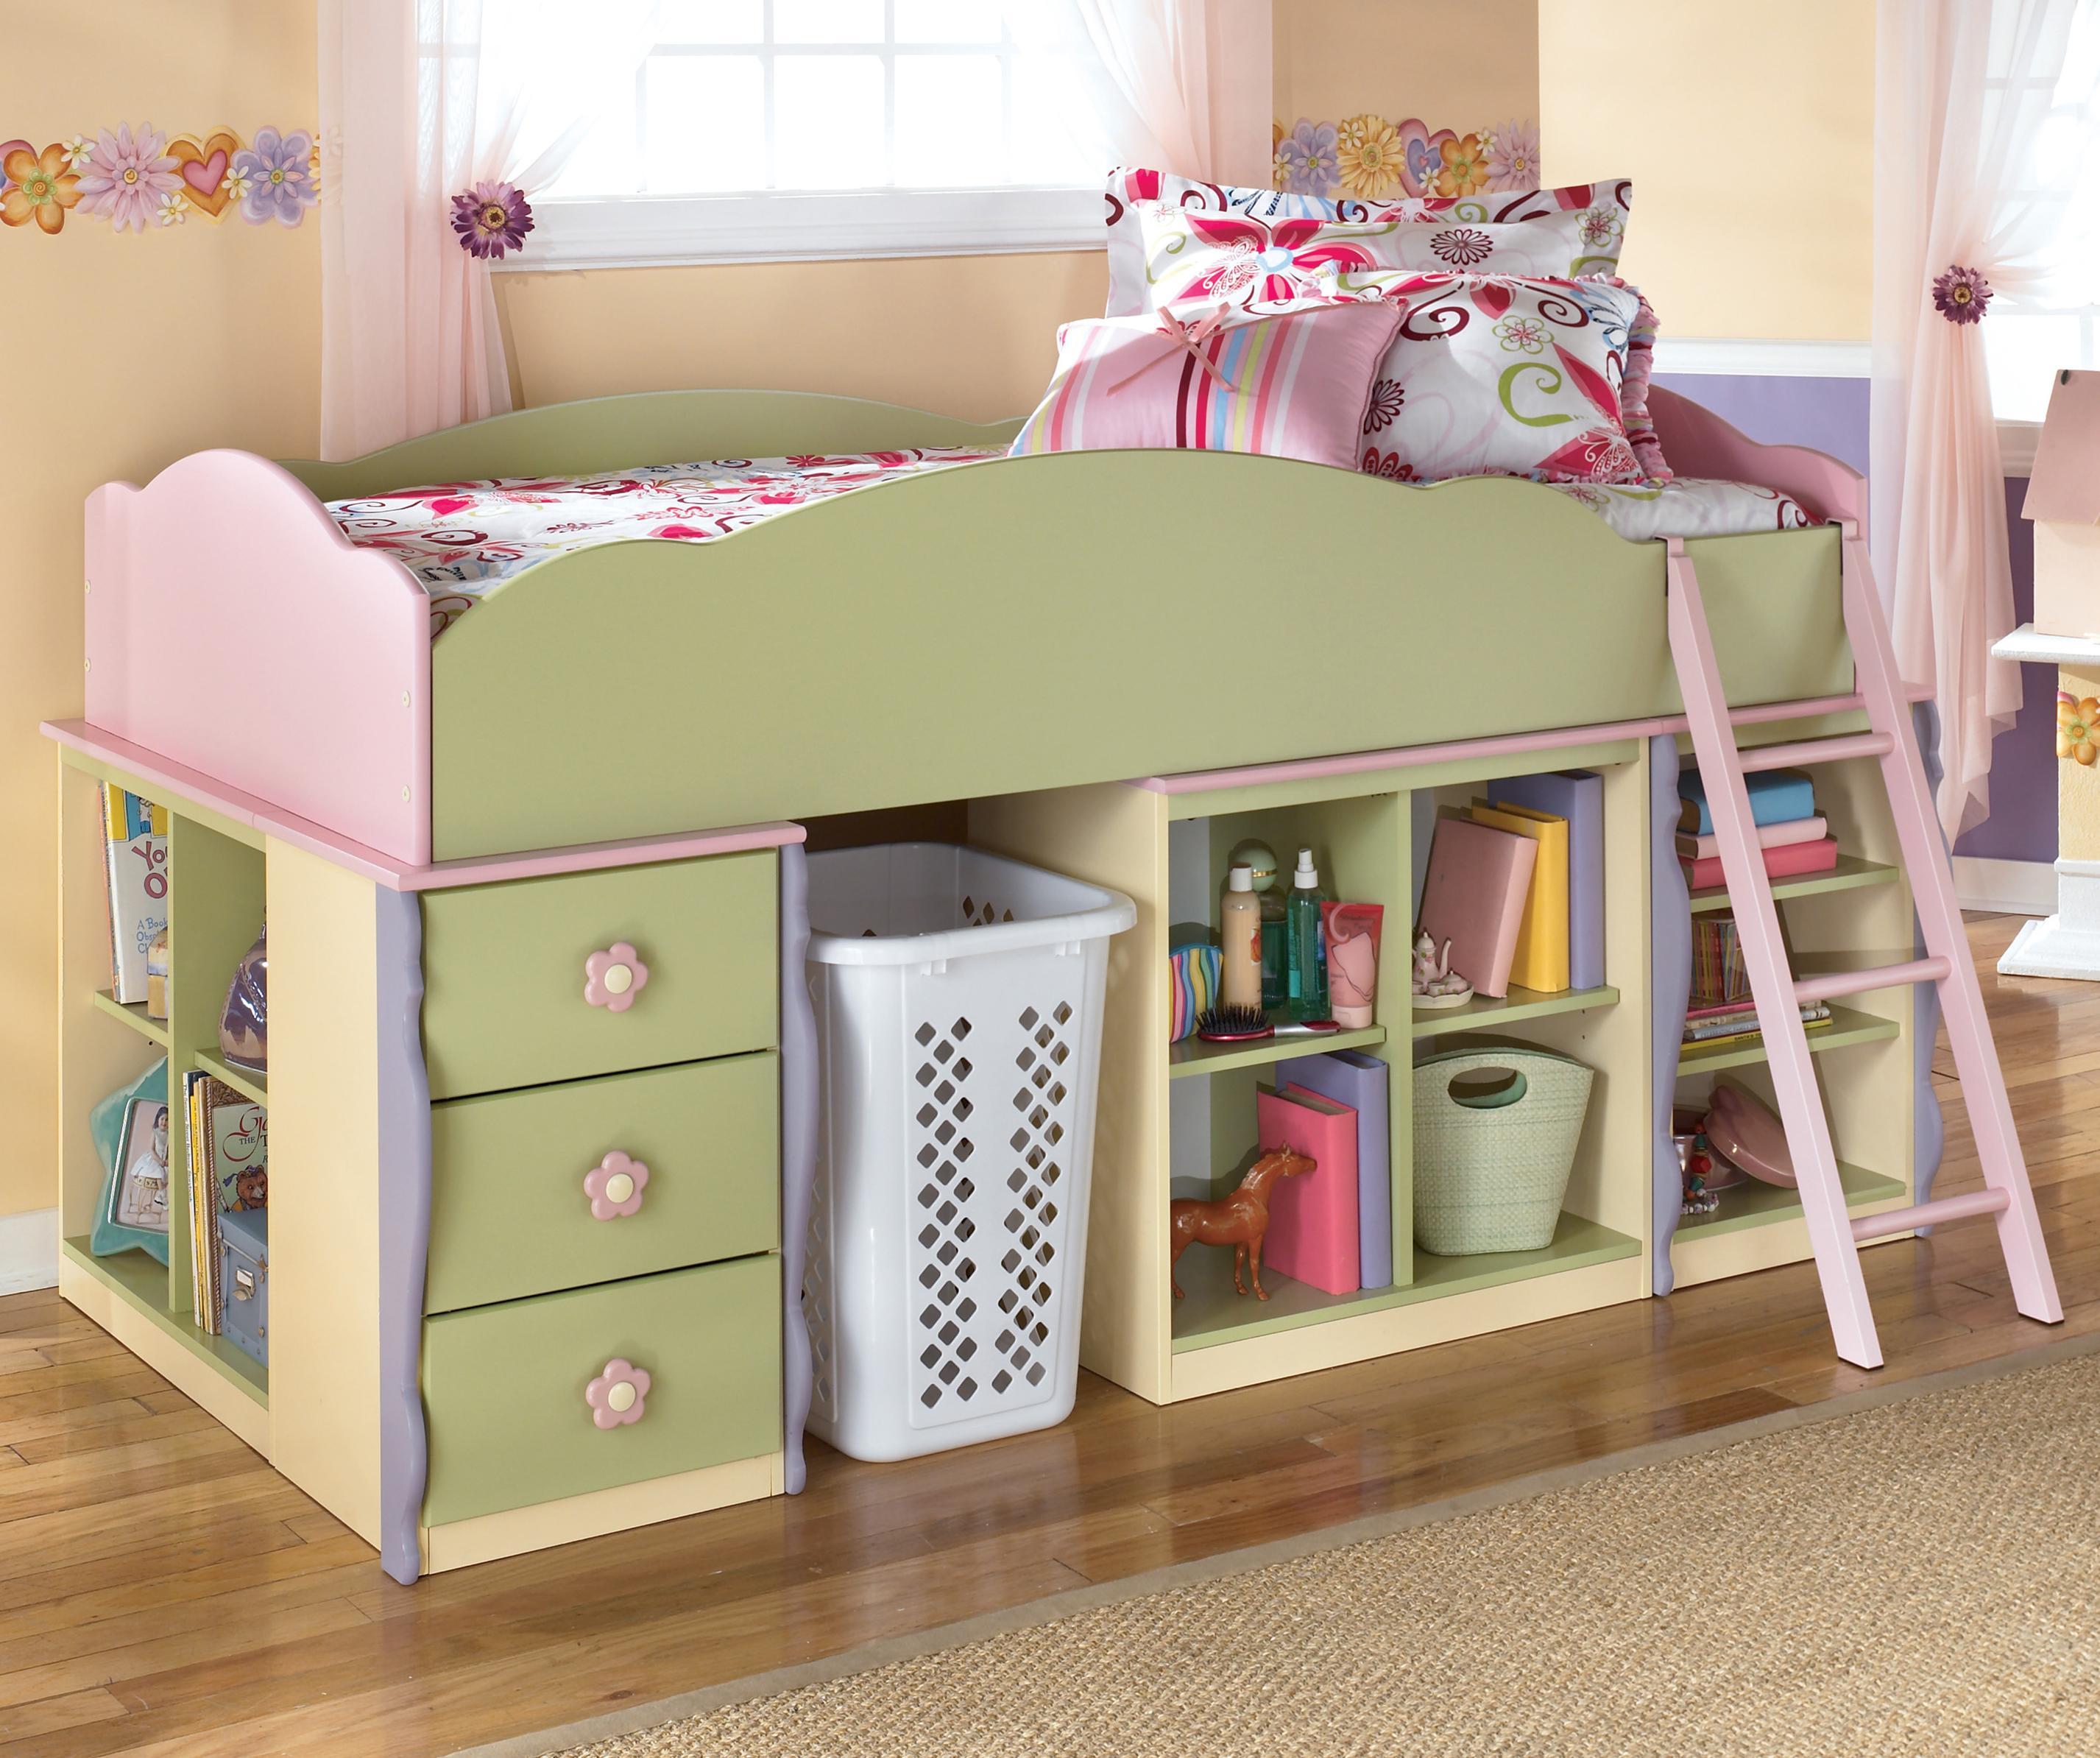 Locker Room Bedroom Furniture Sam Levitz Bedroom Sets Boys Locker Bedroom Furniture Boys Locker